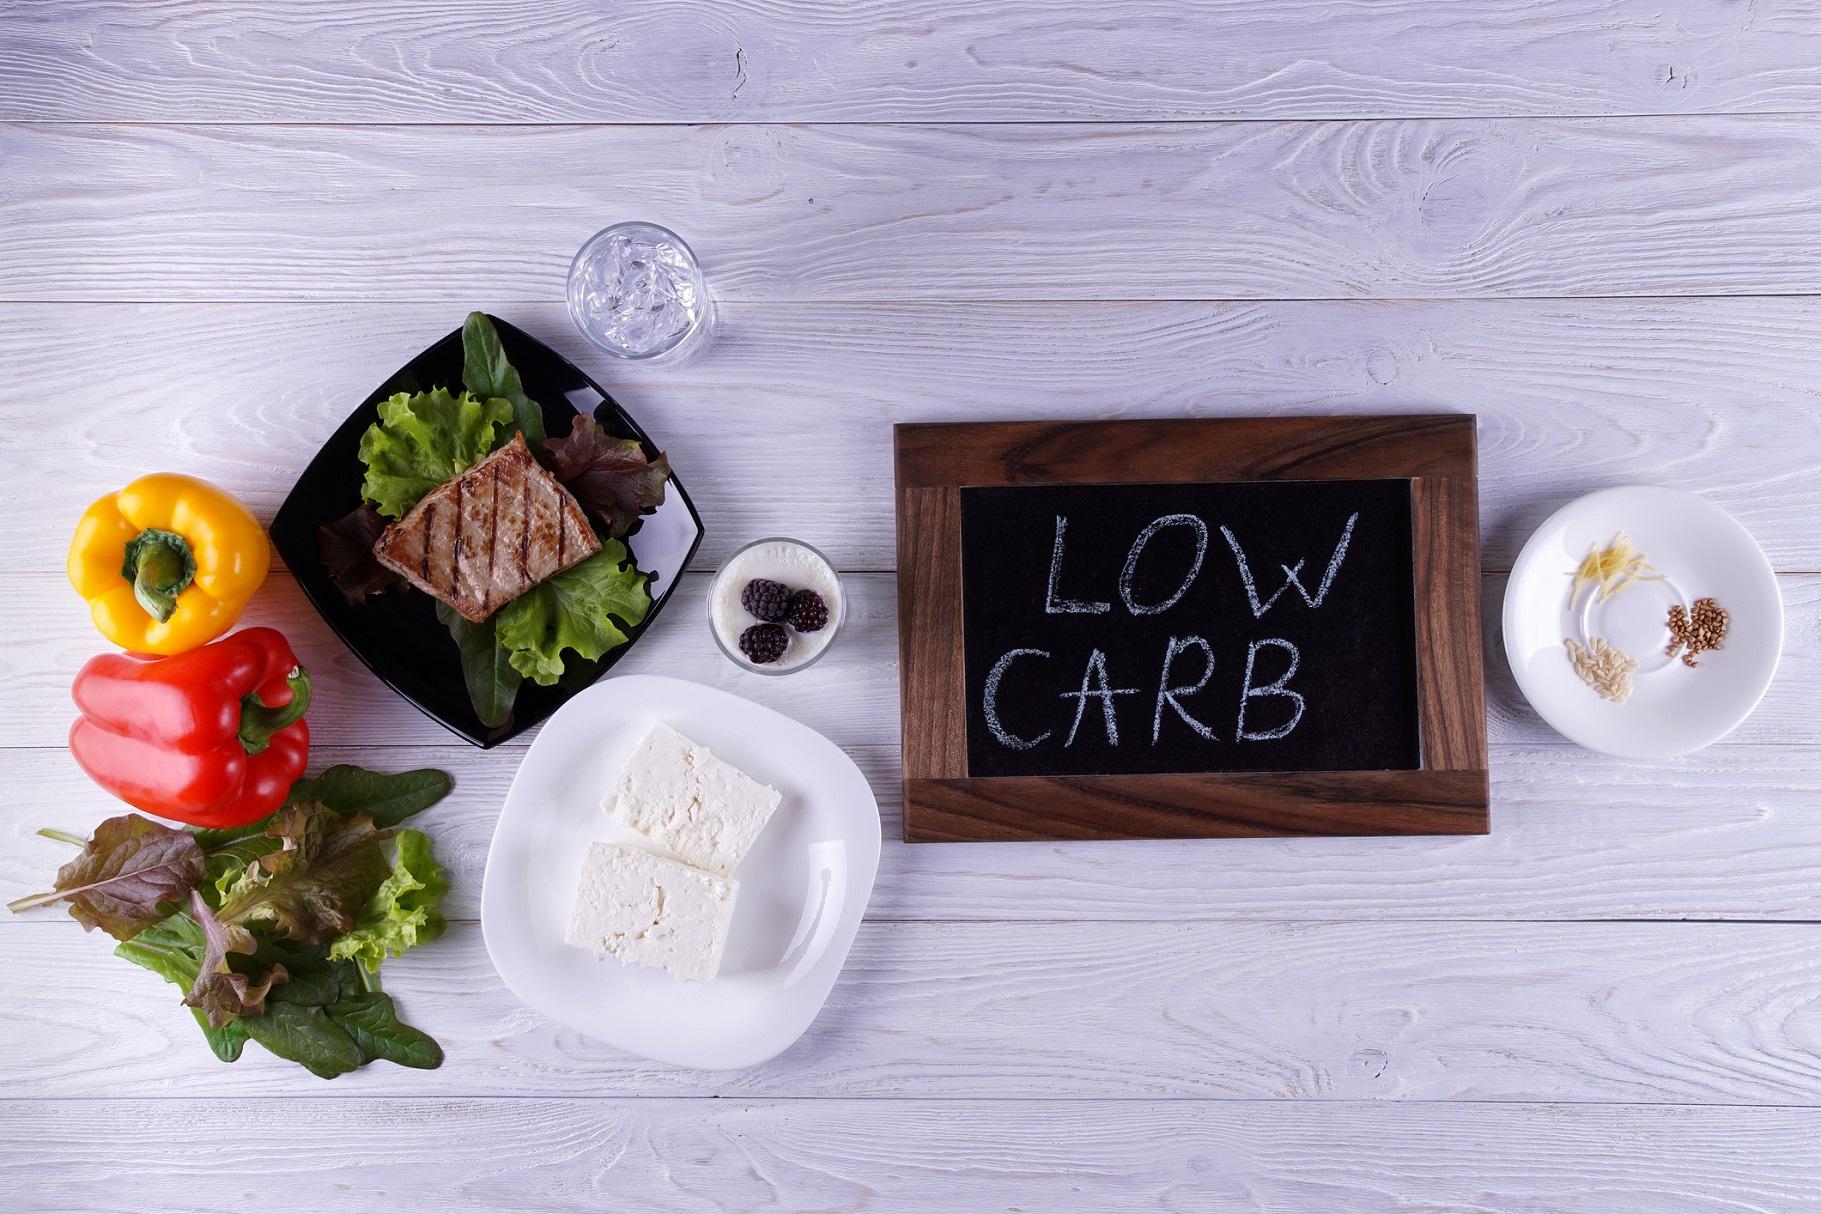 糖質制限ダイエットはなぜ痩せる?メリット&デメリット、やり方、注意点を徹底解説